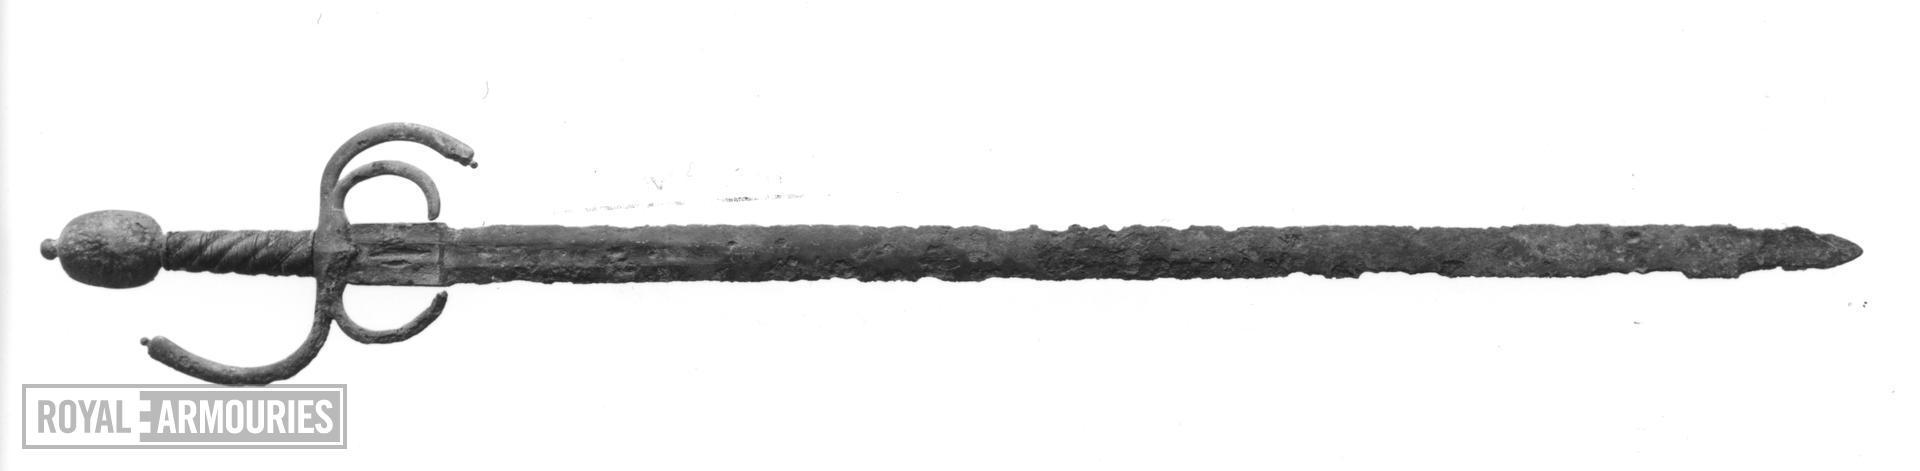 Sword Relic sword